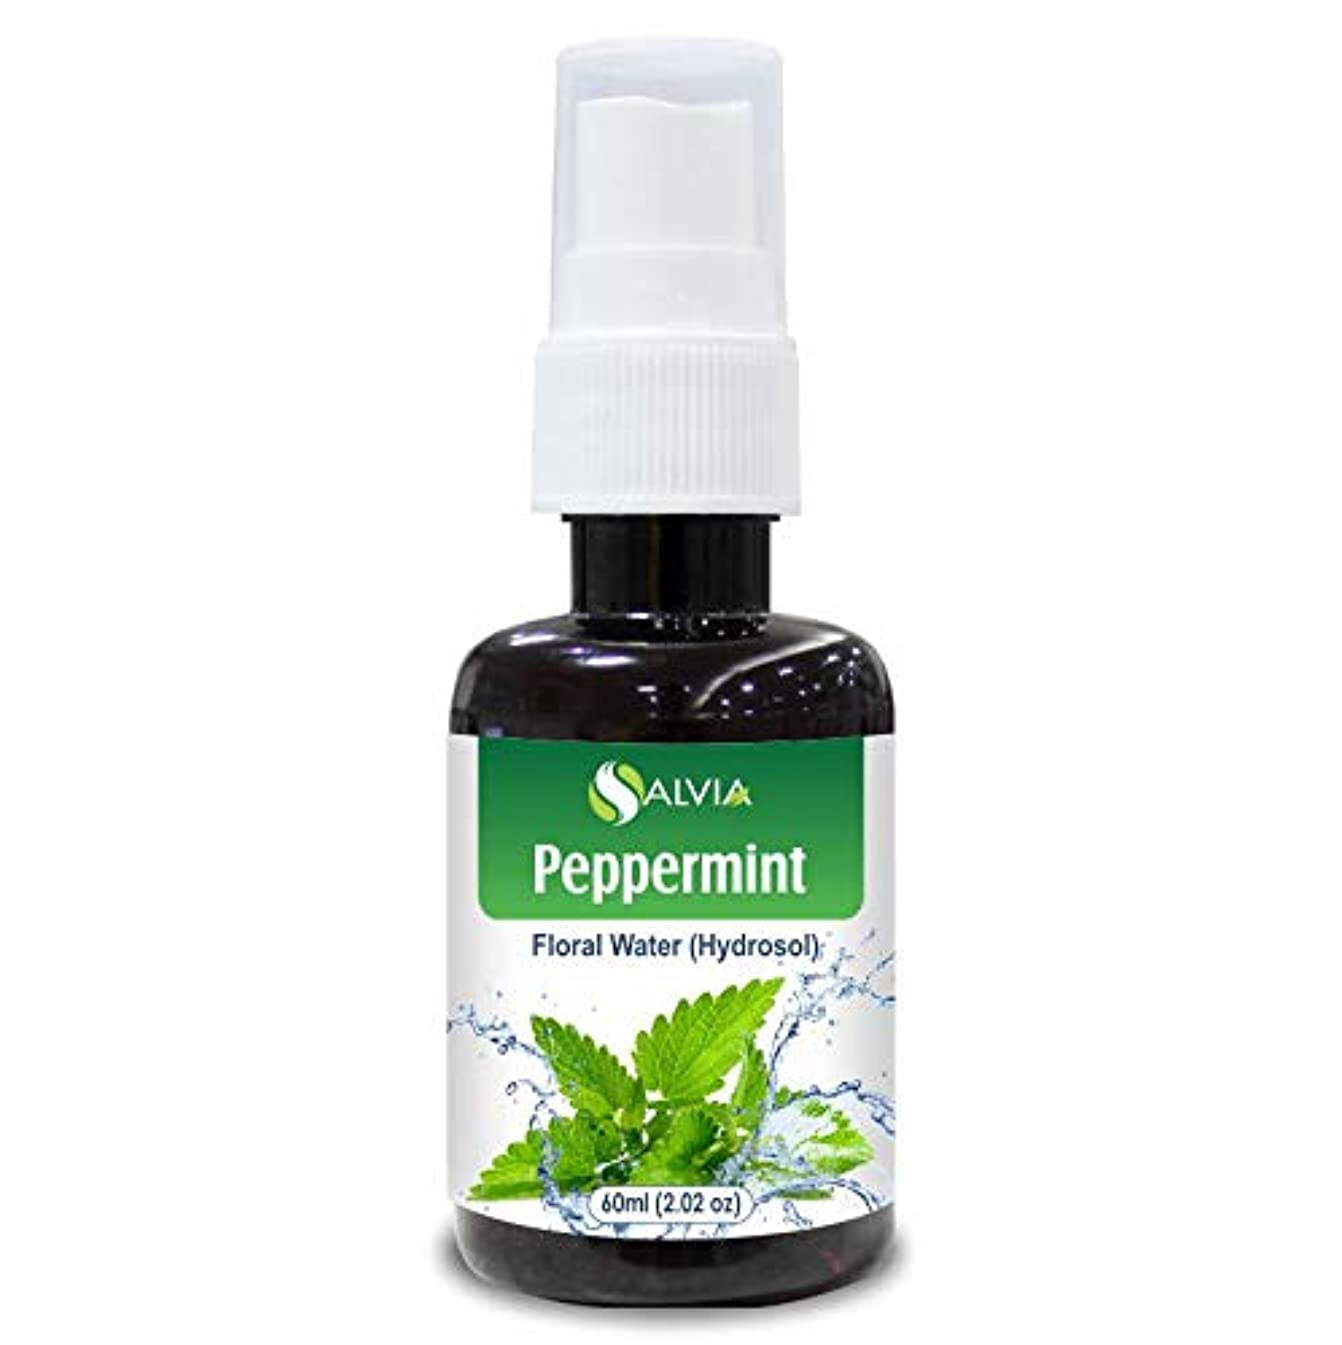 ハロウィンレディ信念Peppermint Floral Water 60ml (Hydrosol) 100% Pure And Natural